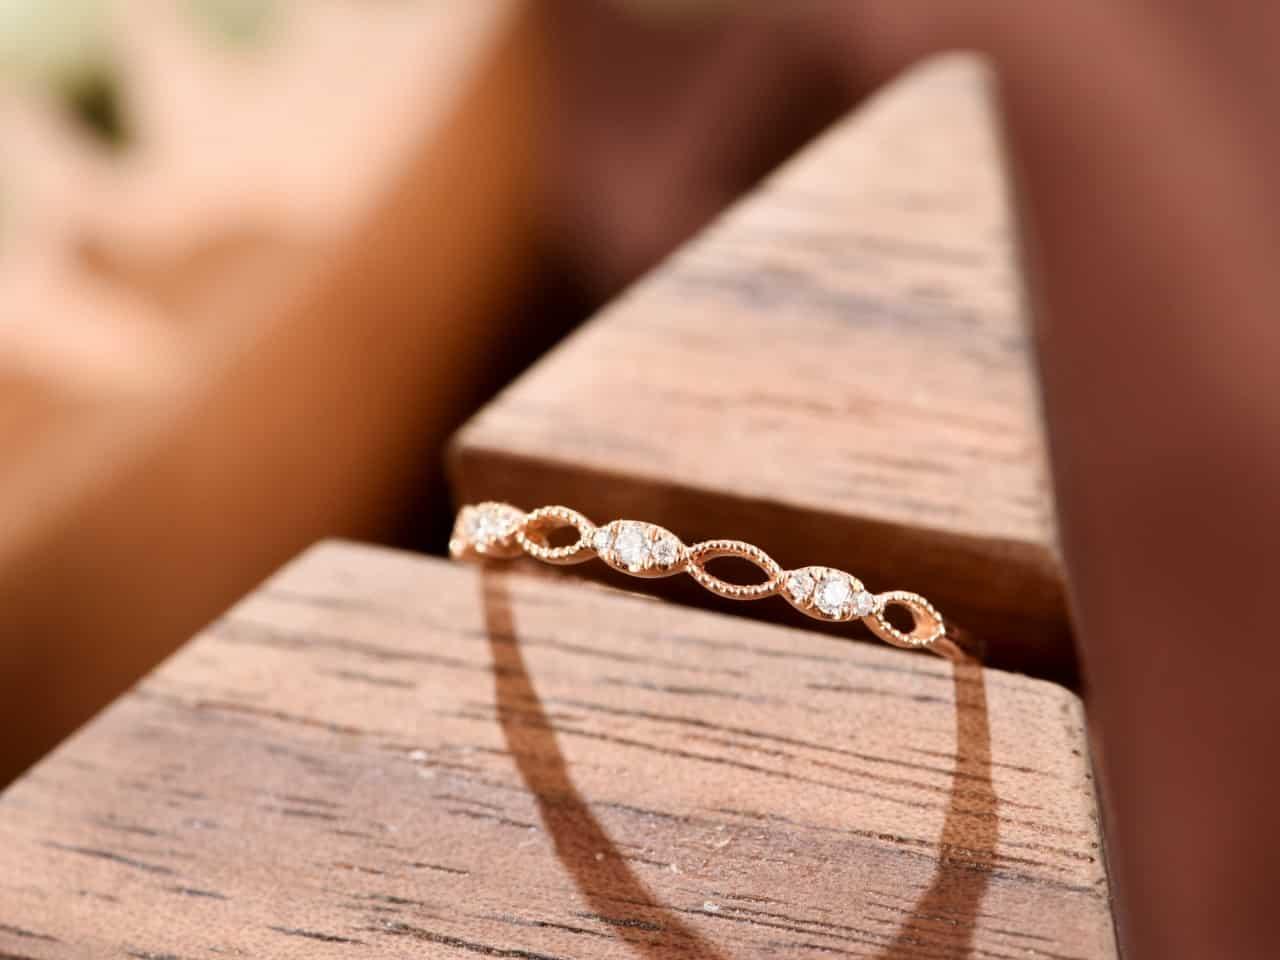 簡單一個小戒指 確充滿著無限生機♾️0.048ct